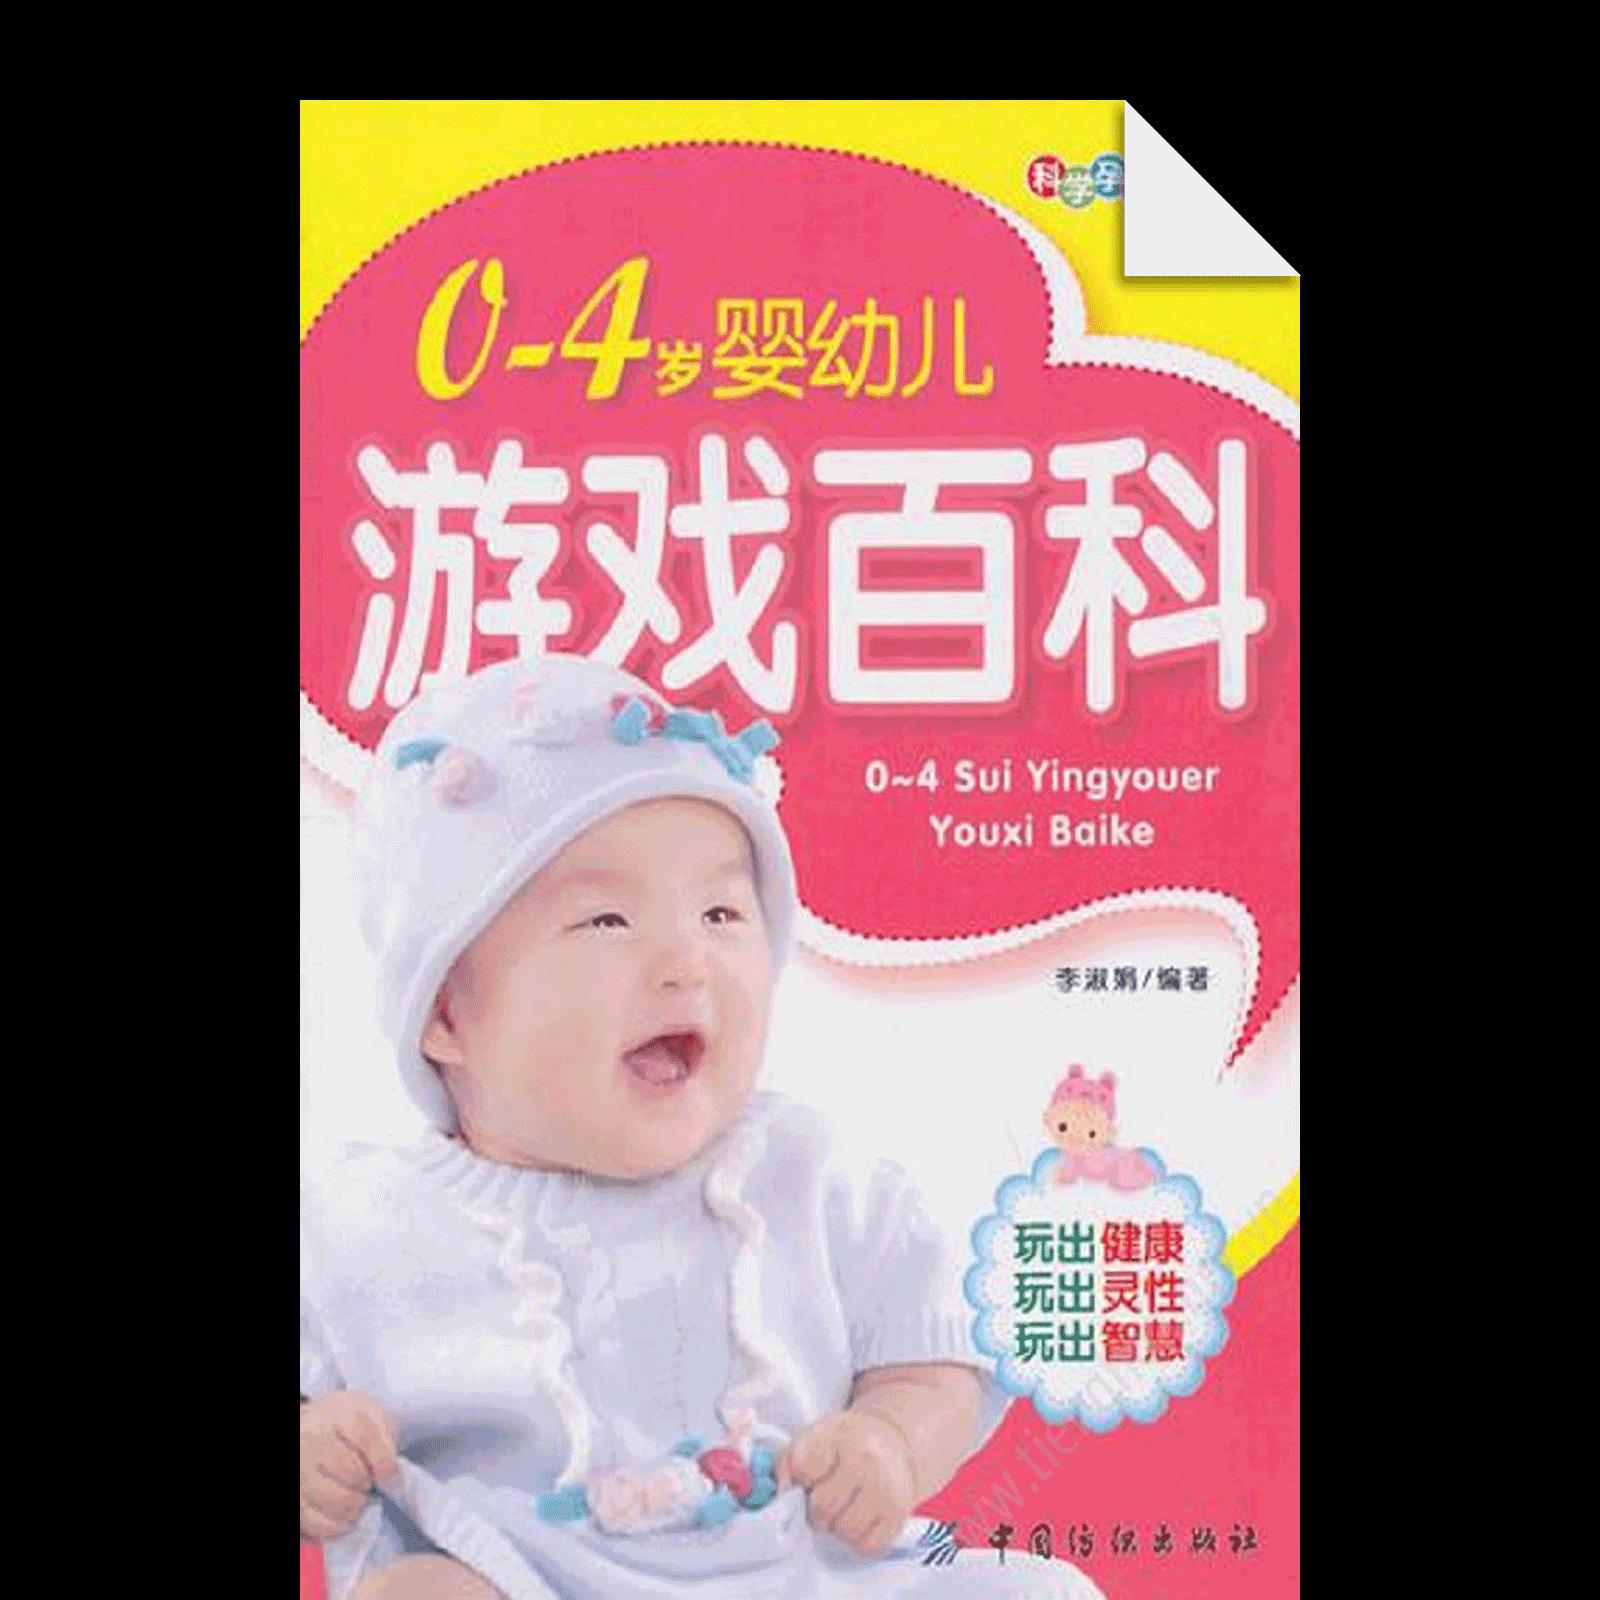 04Sui Yingyouer Youxi Baike